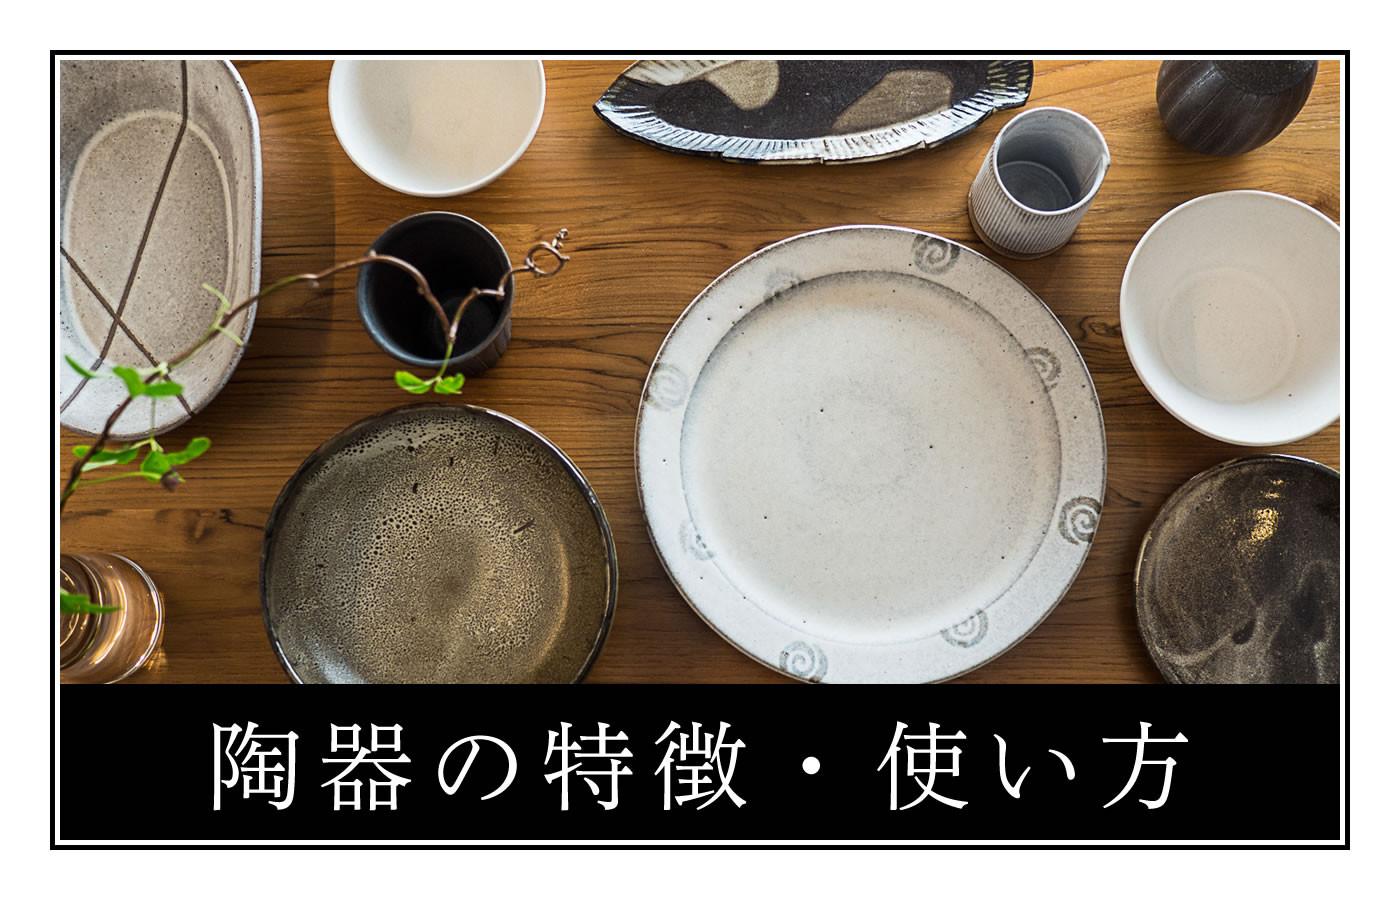 知っておいてほしい陶器のあれこれ